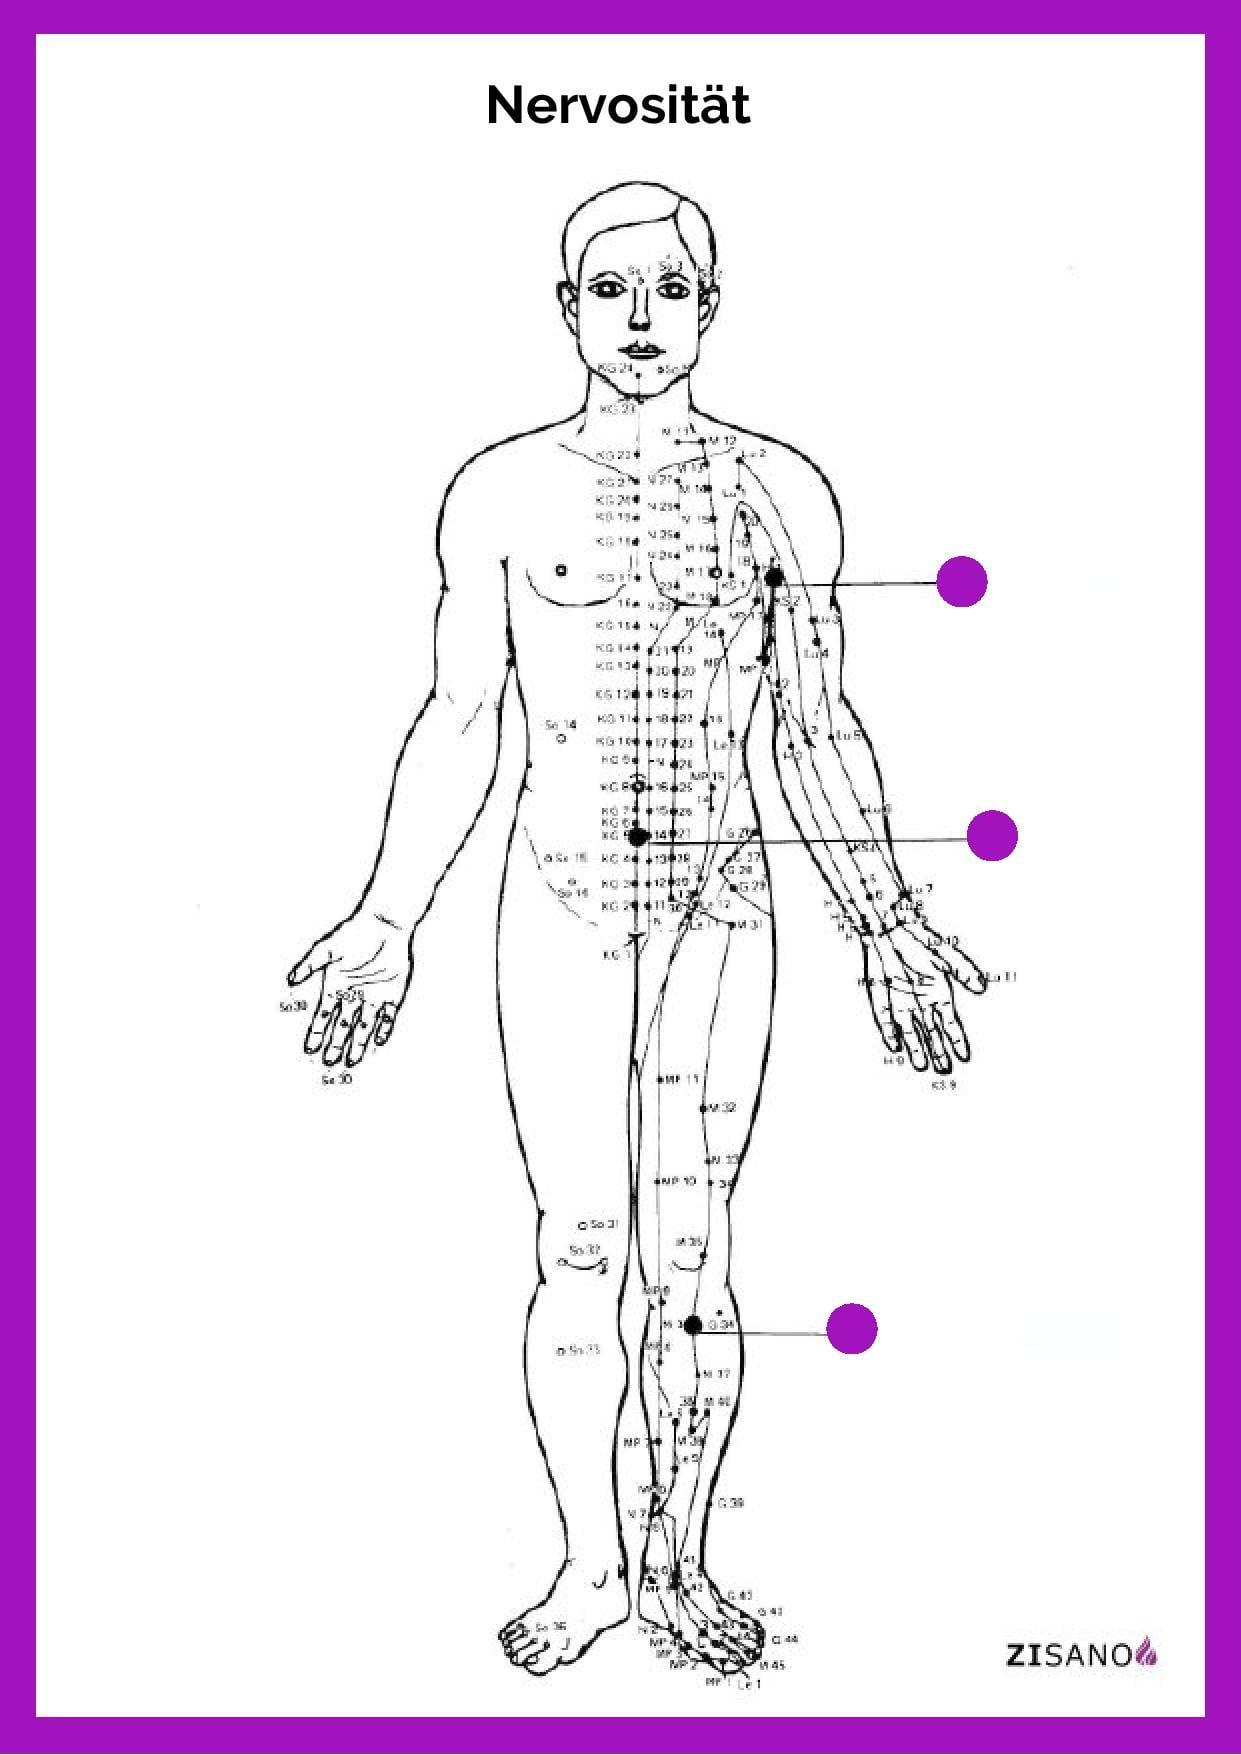 Meridiane - Nervosität - Linderung